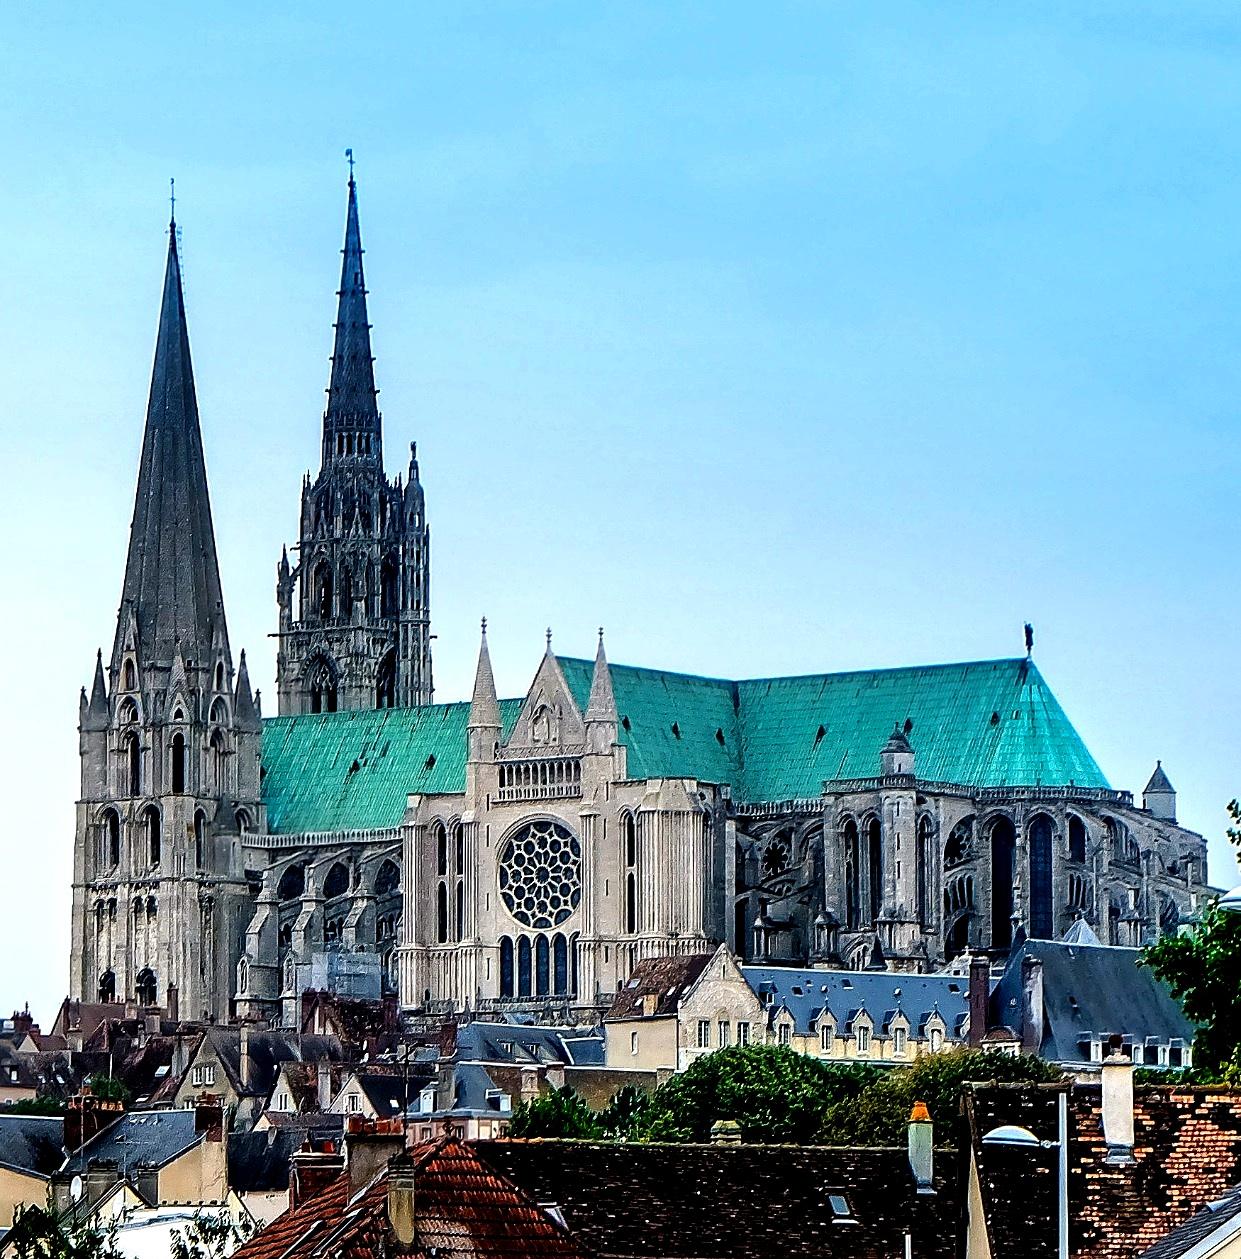 панорама амьенского собора